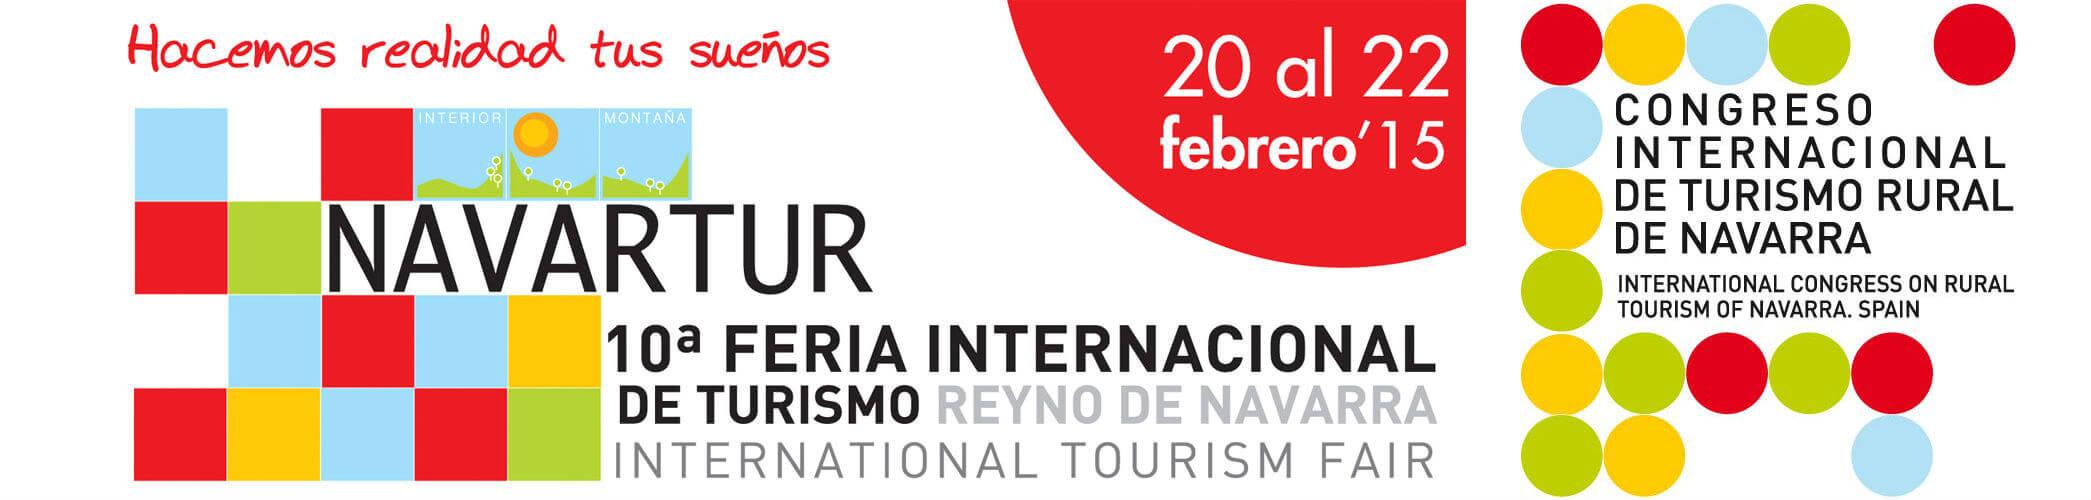 El futuro del turismo rural, a debate en Navarra